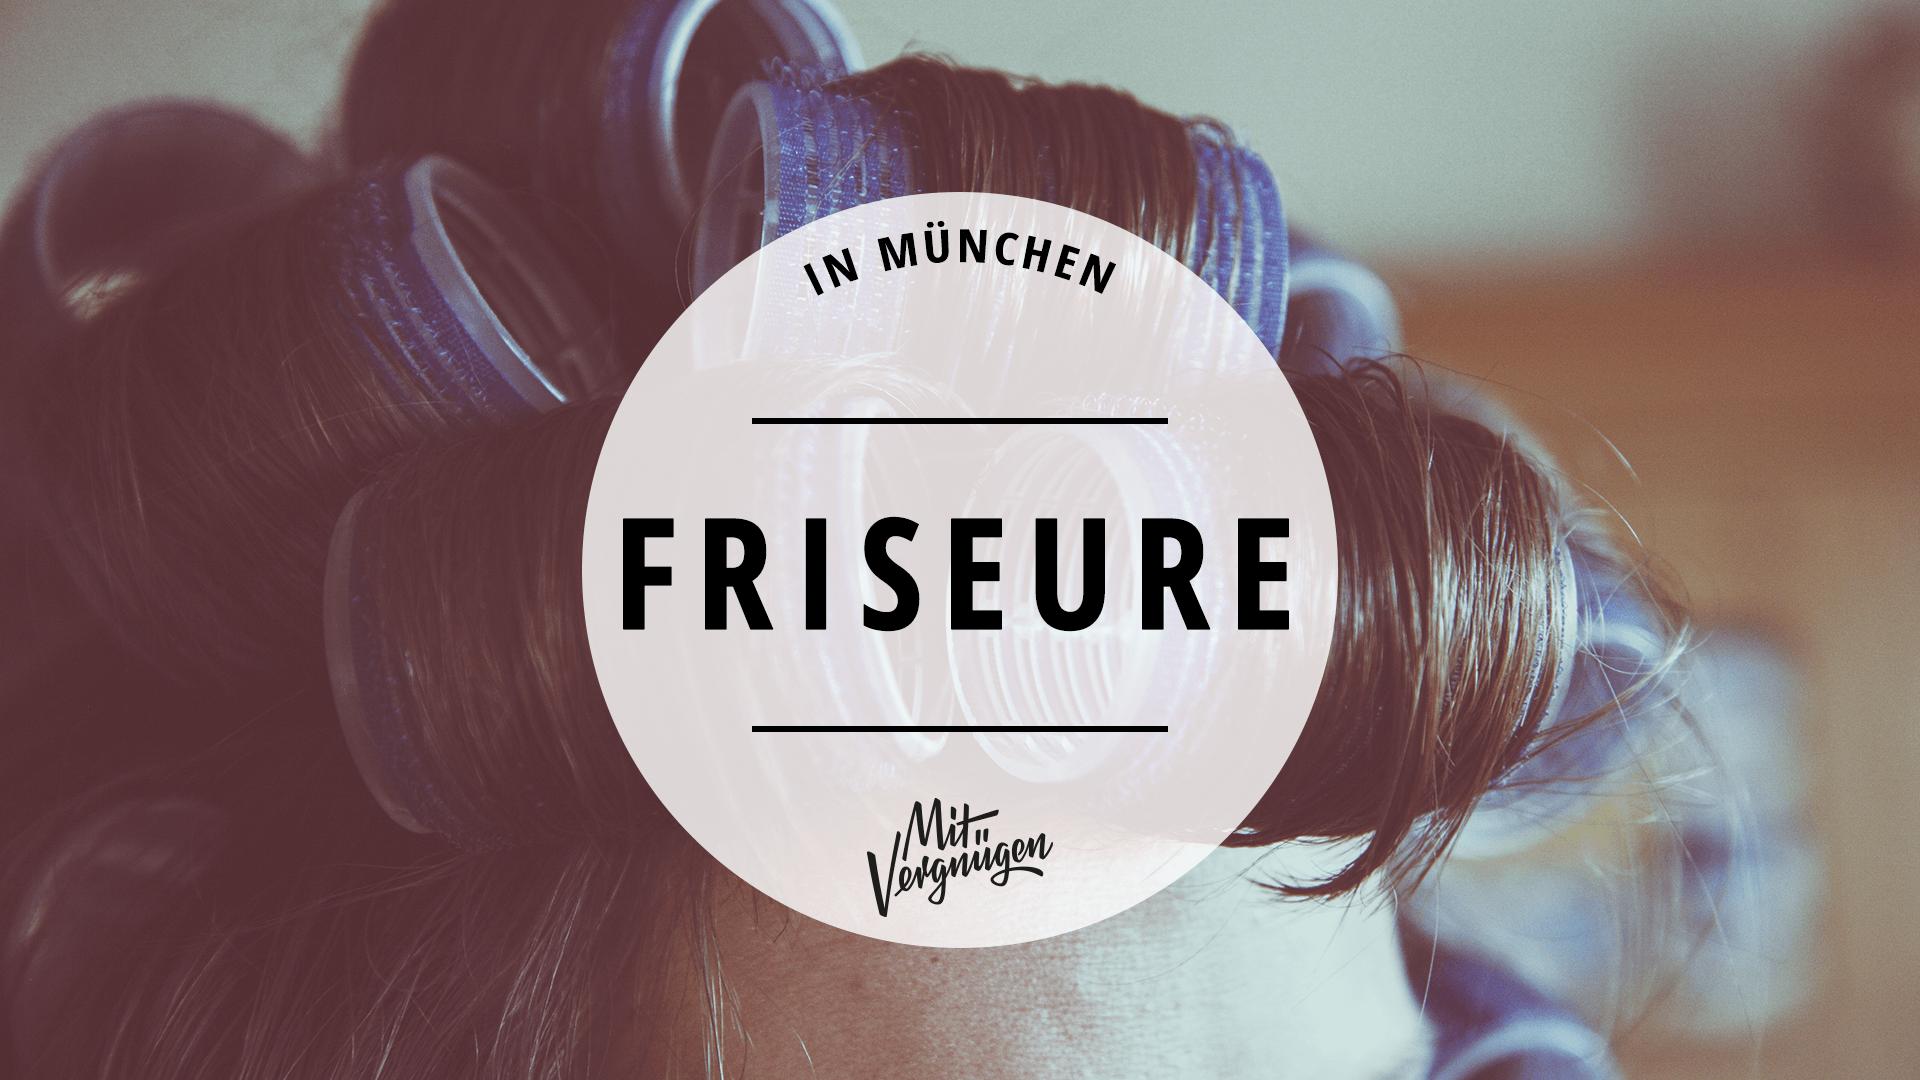 11 Sehr Gute Und Schöne Friseur Salons In München Mit Vergnügen